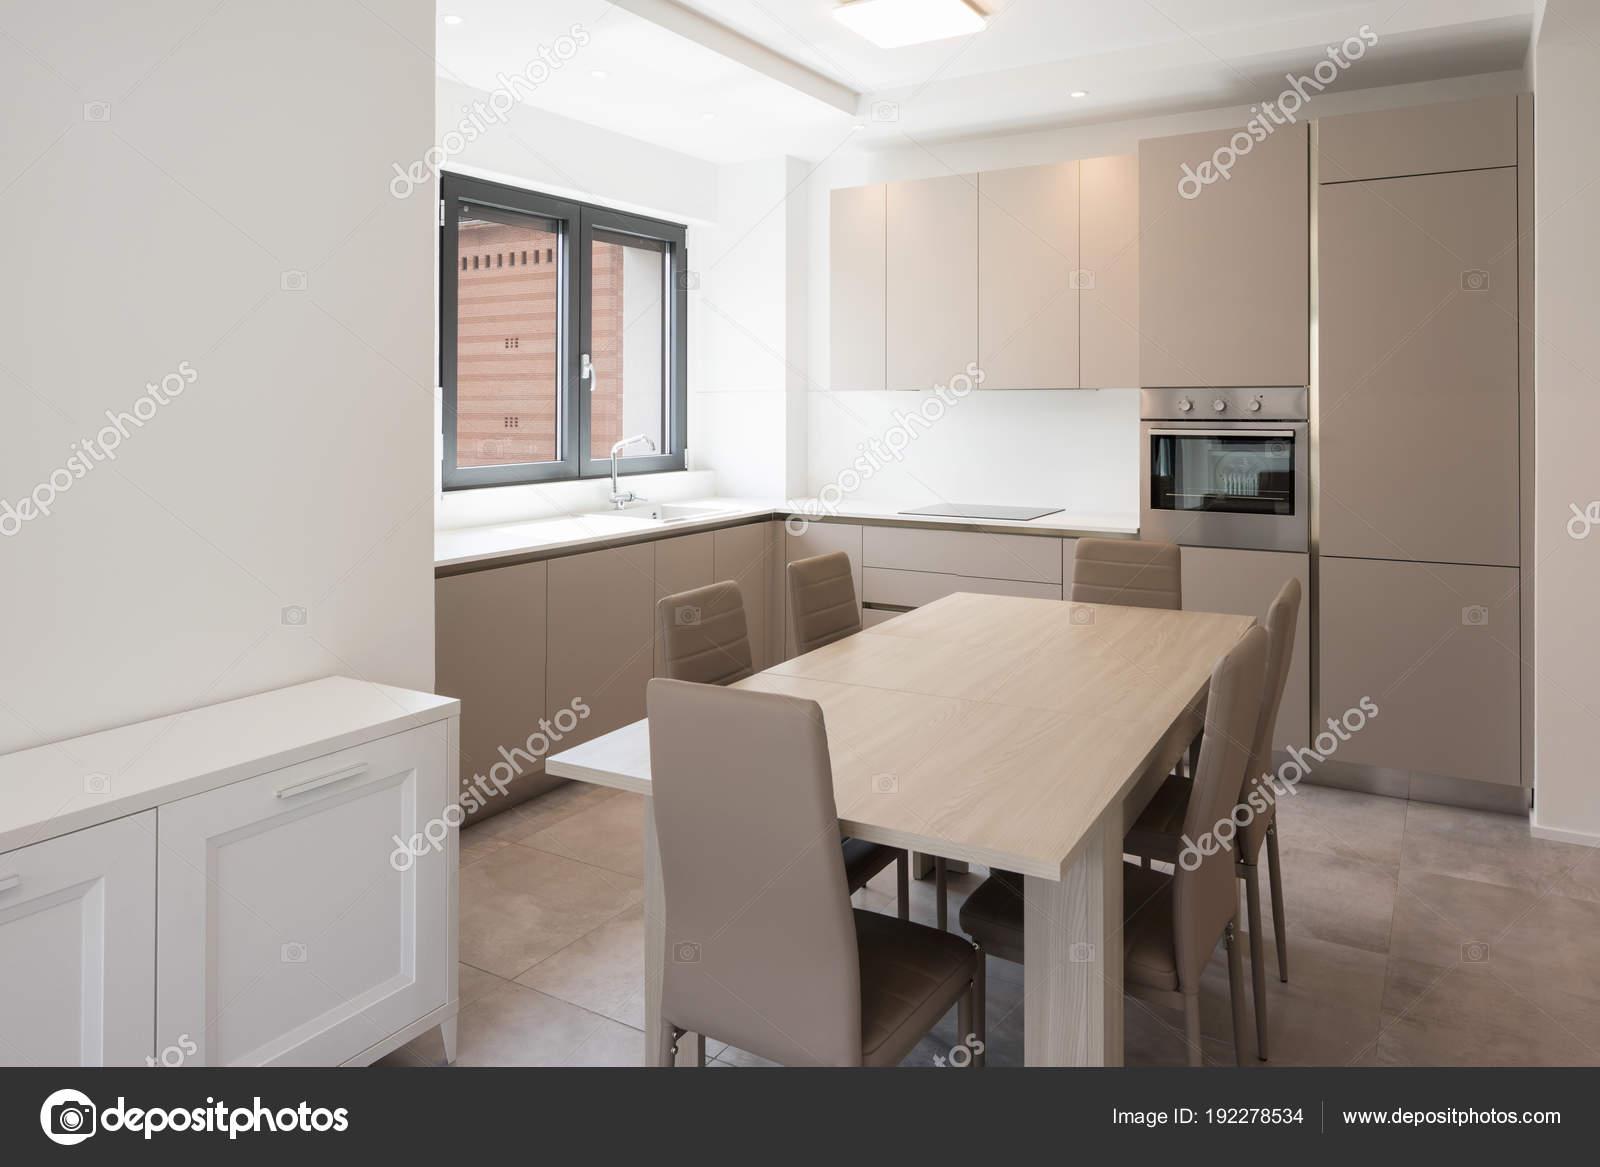 Minimale keuken in een modern appartement u stockfoto zveiger